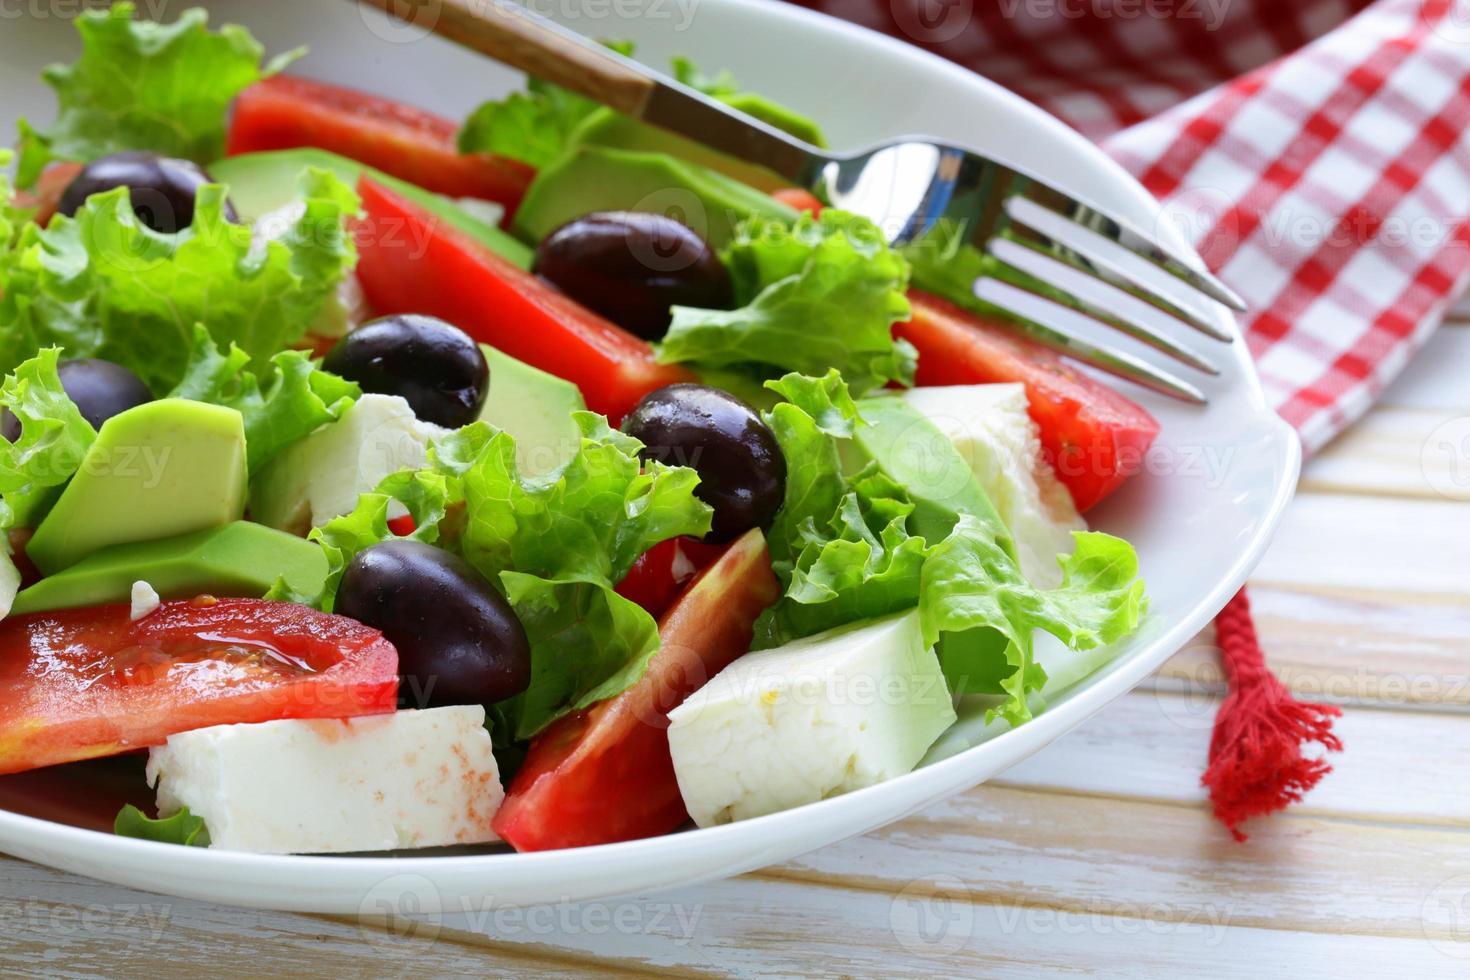 salade méditerranéenne aux olives noires, laitue, fromage et tomates photo